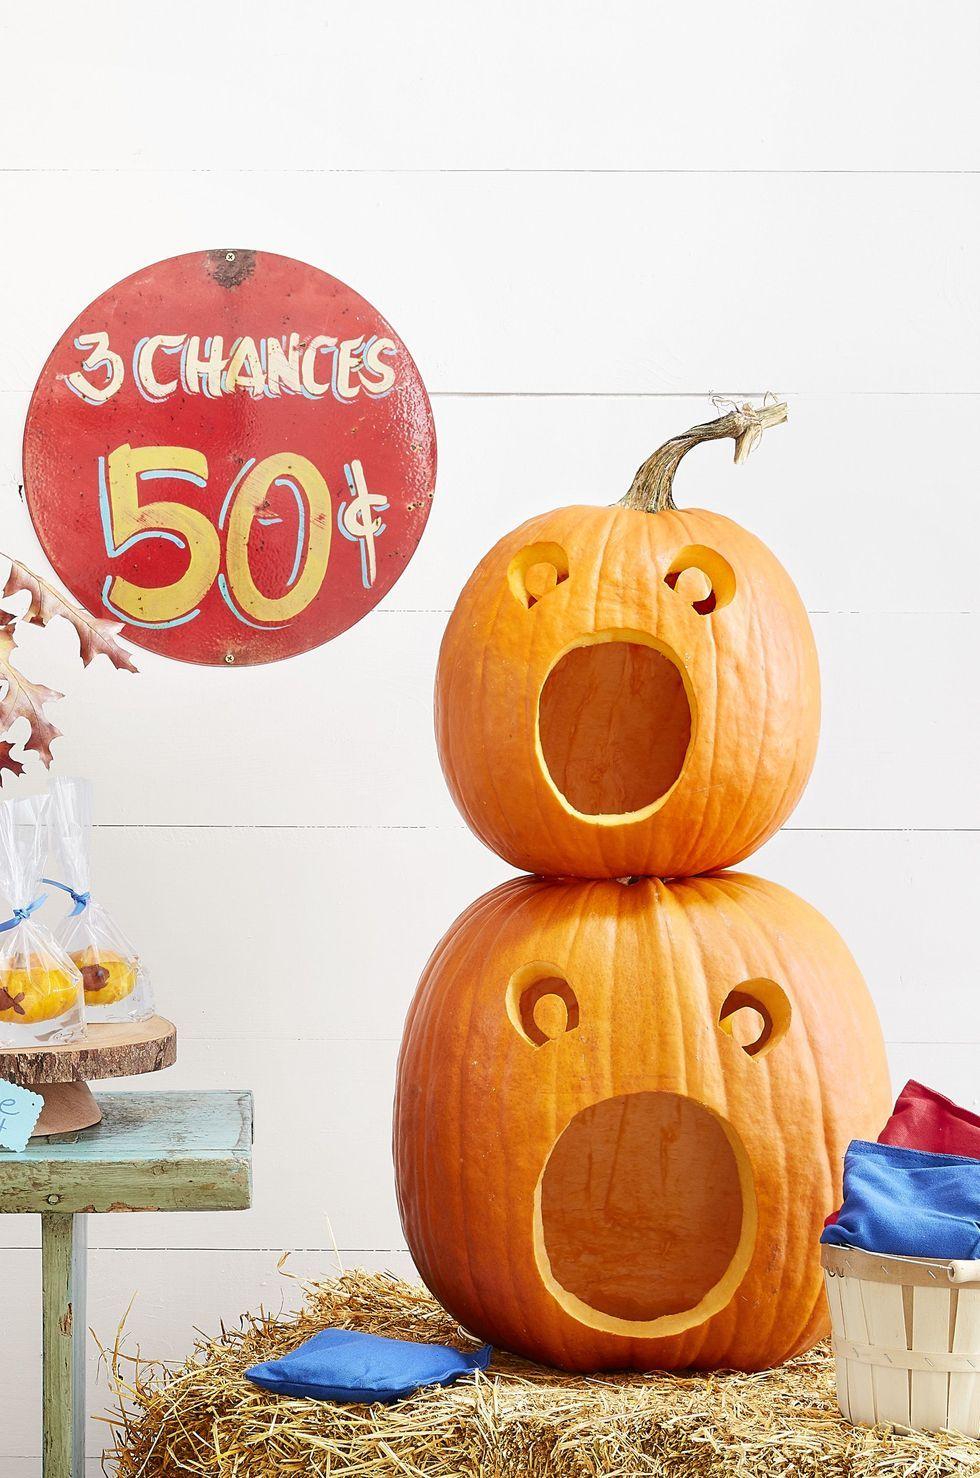 Jack-o-lantern Faces : jack-o-lantern, faces, Pumpkin, Ideas, Halloween, Faces, Carve,, Paint,, Decorate